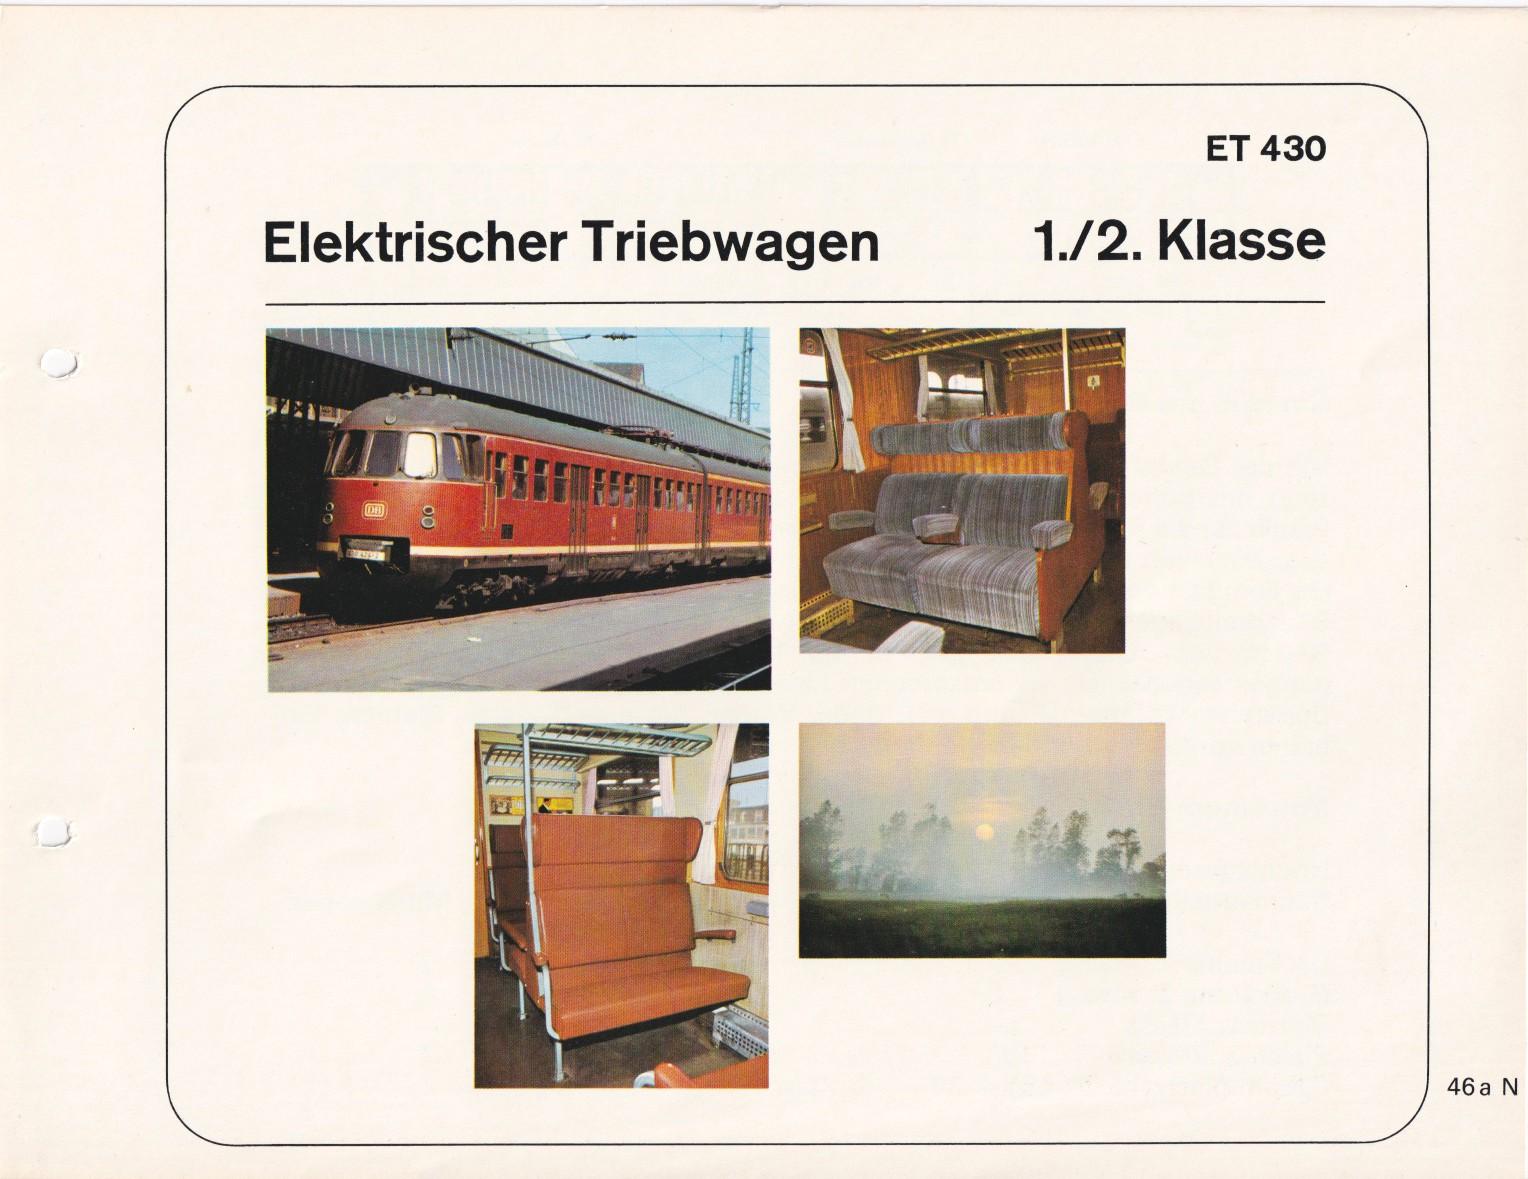 https://www.nullclub.de/hifo/Fahrzeuglexikon/Wagen46c.jpg